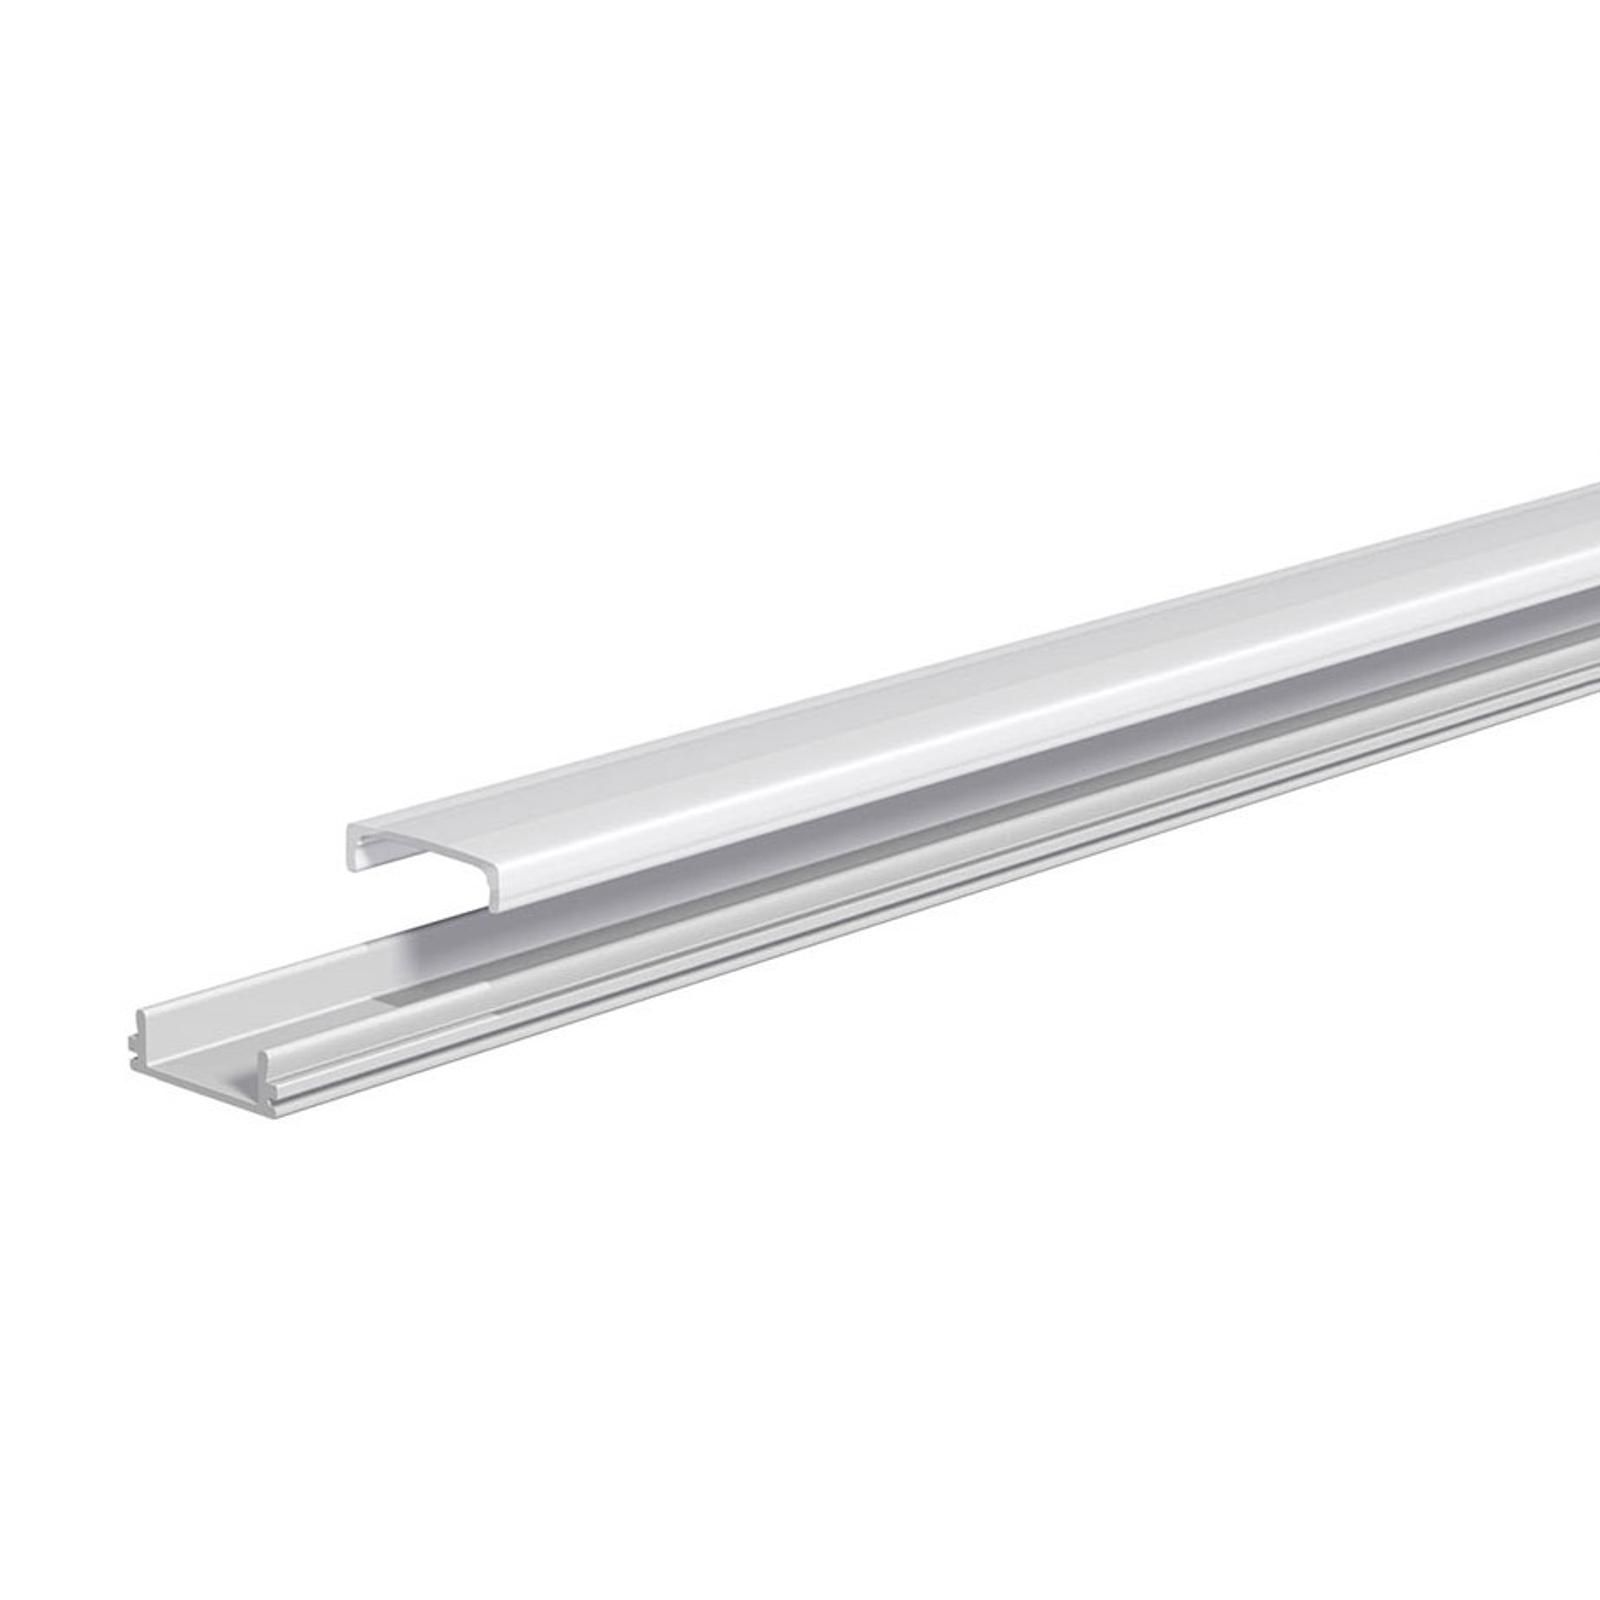 EVN APFLAT1 Alu-Profil 200cm U-Profil, flach